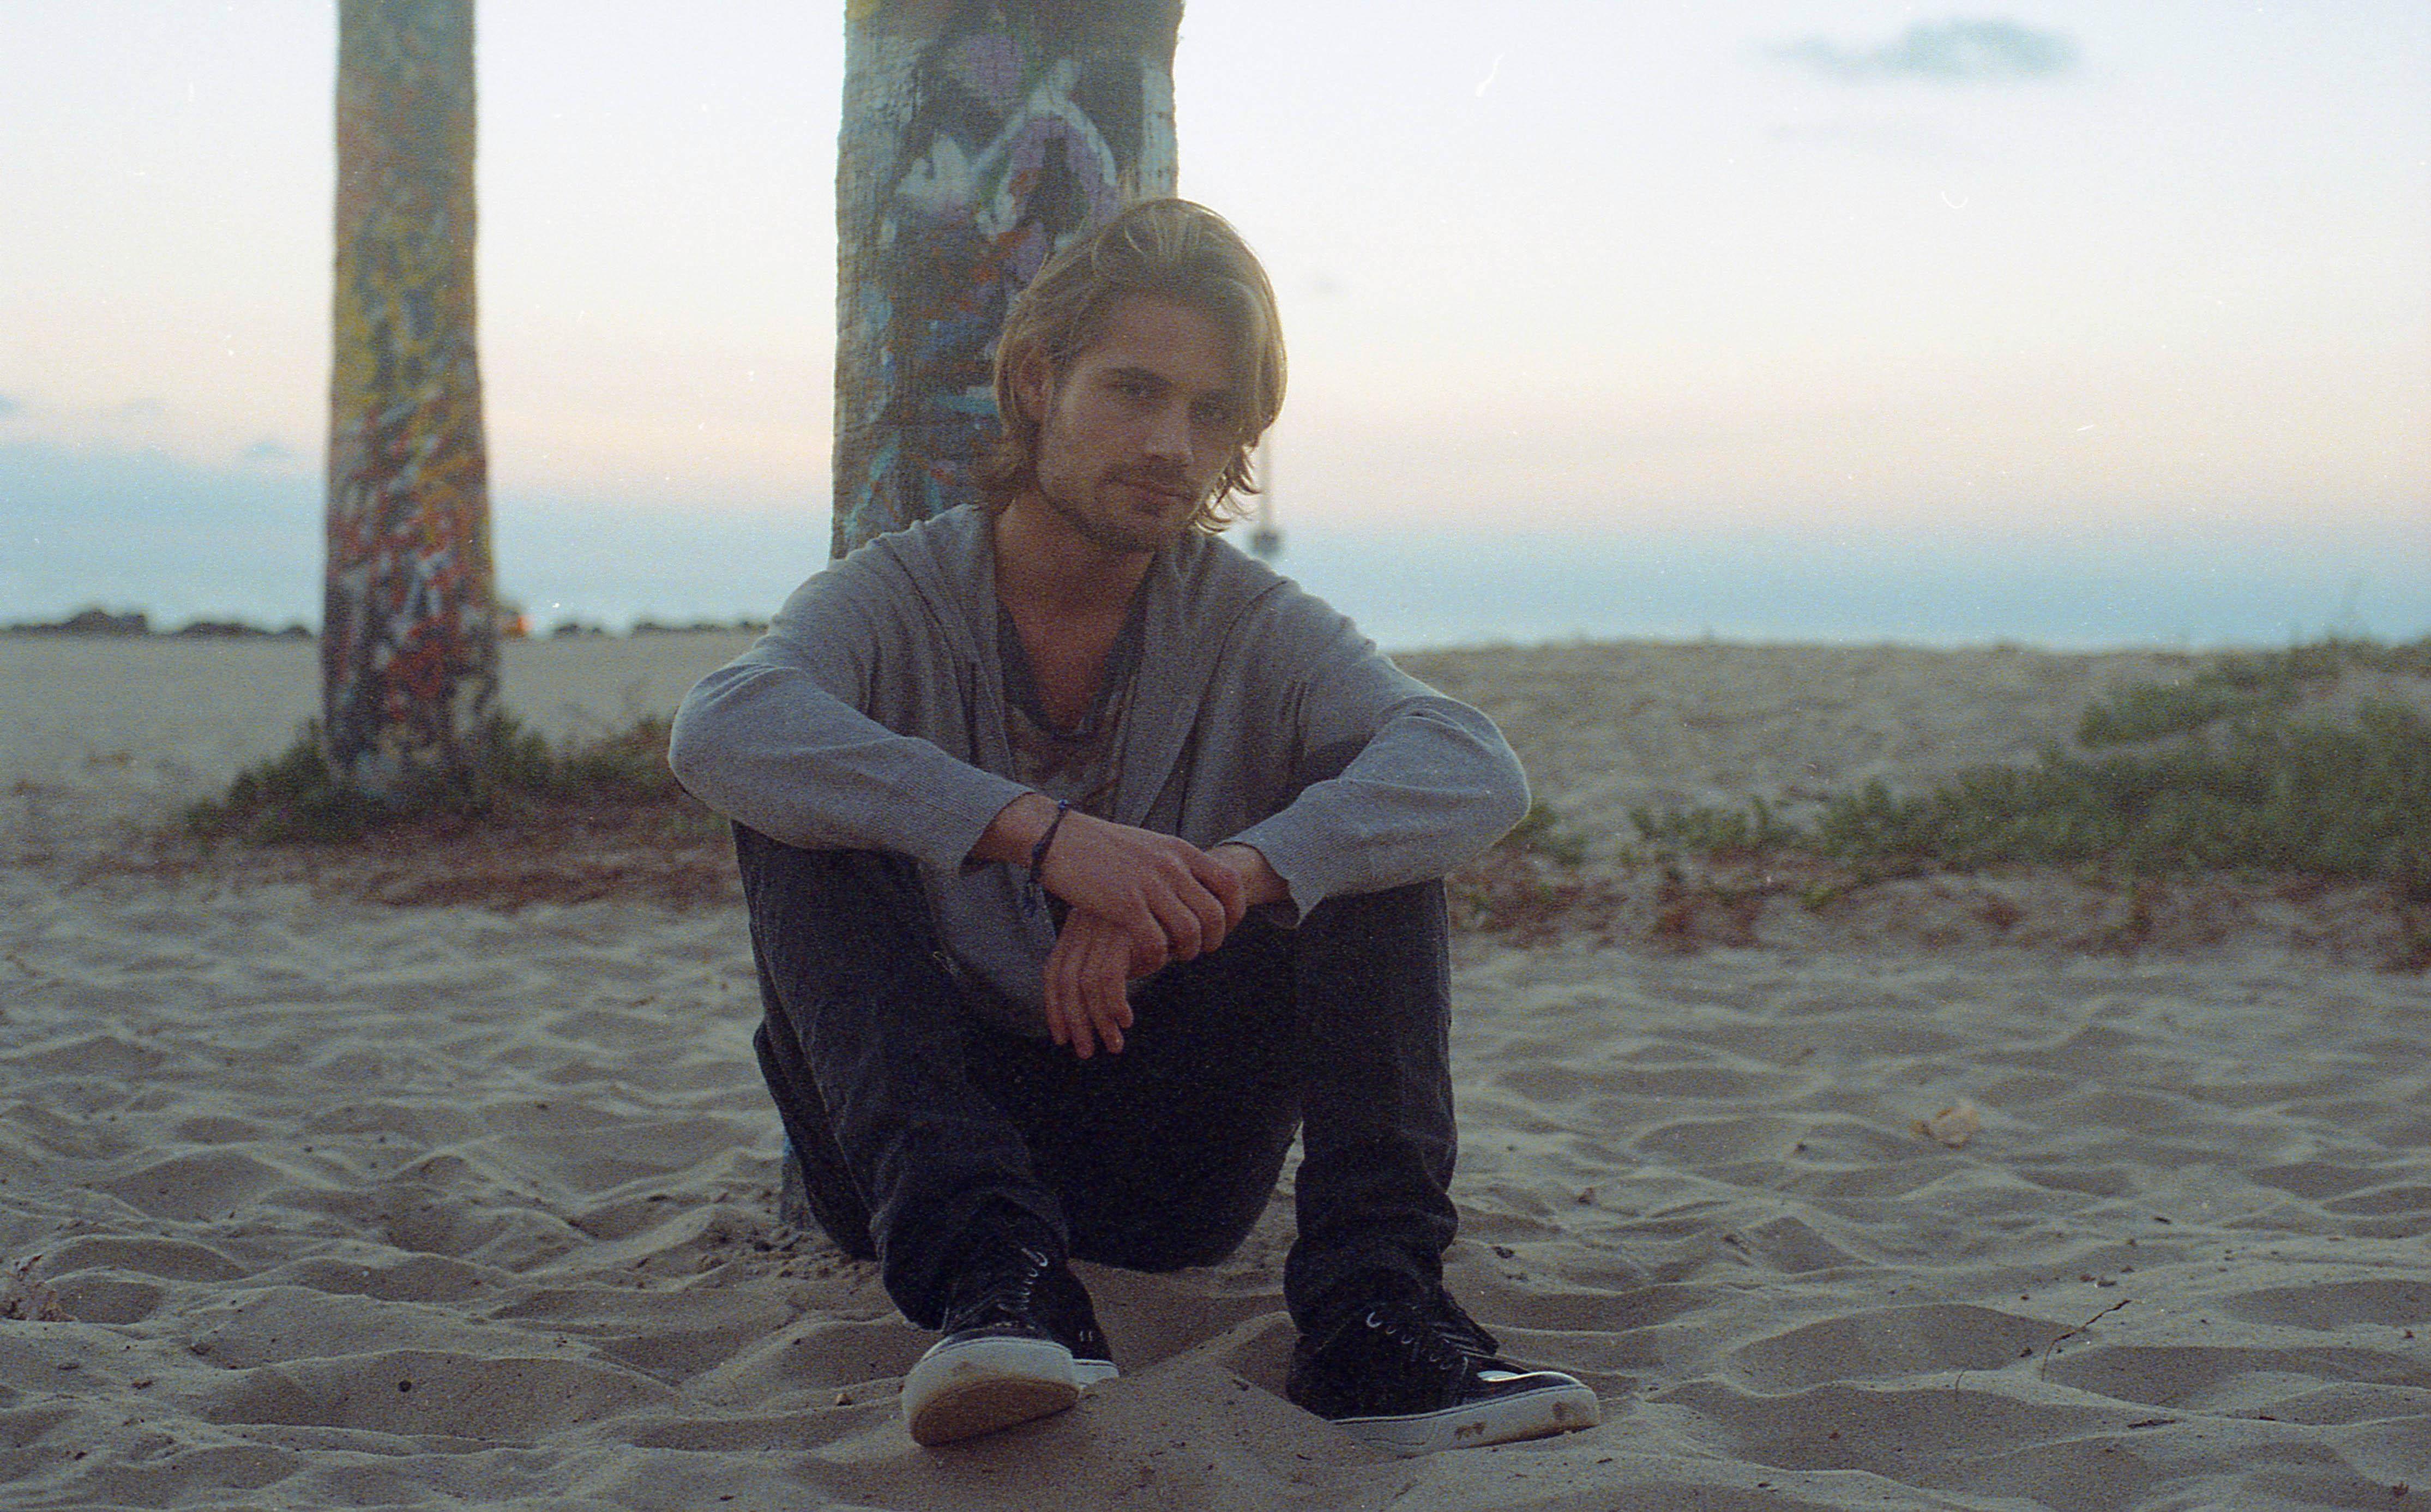 Michael Calfan – Come Into His Planet 'Treasured' Soul